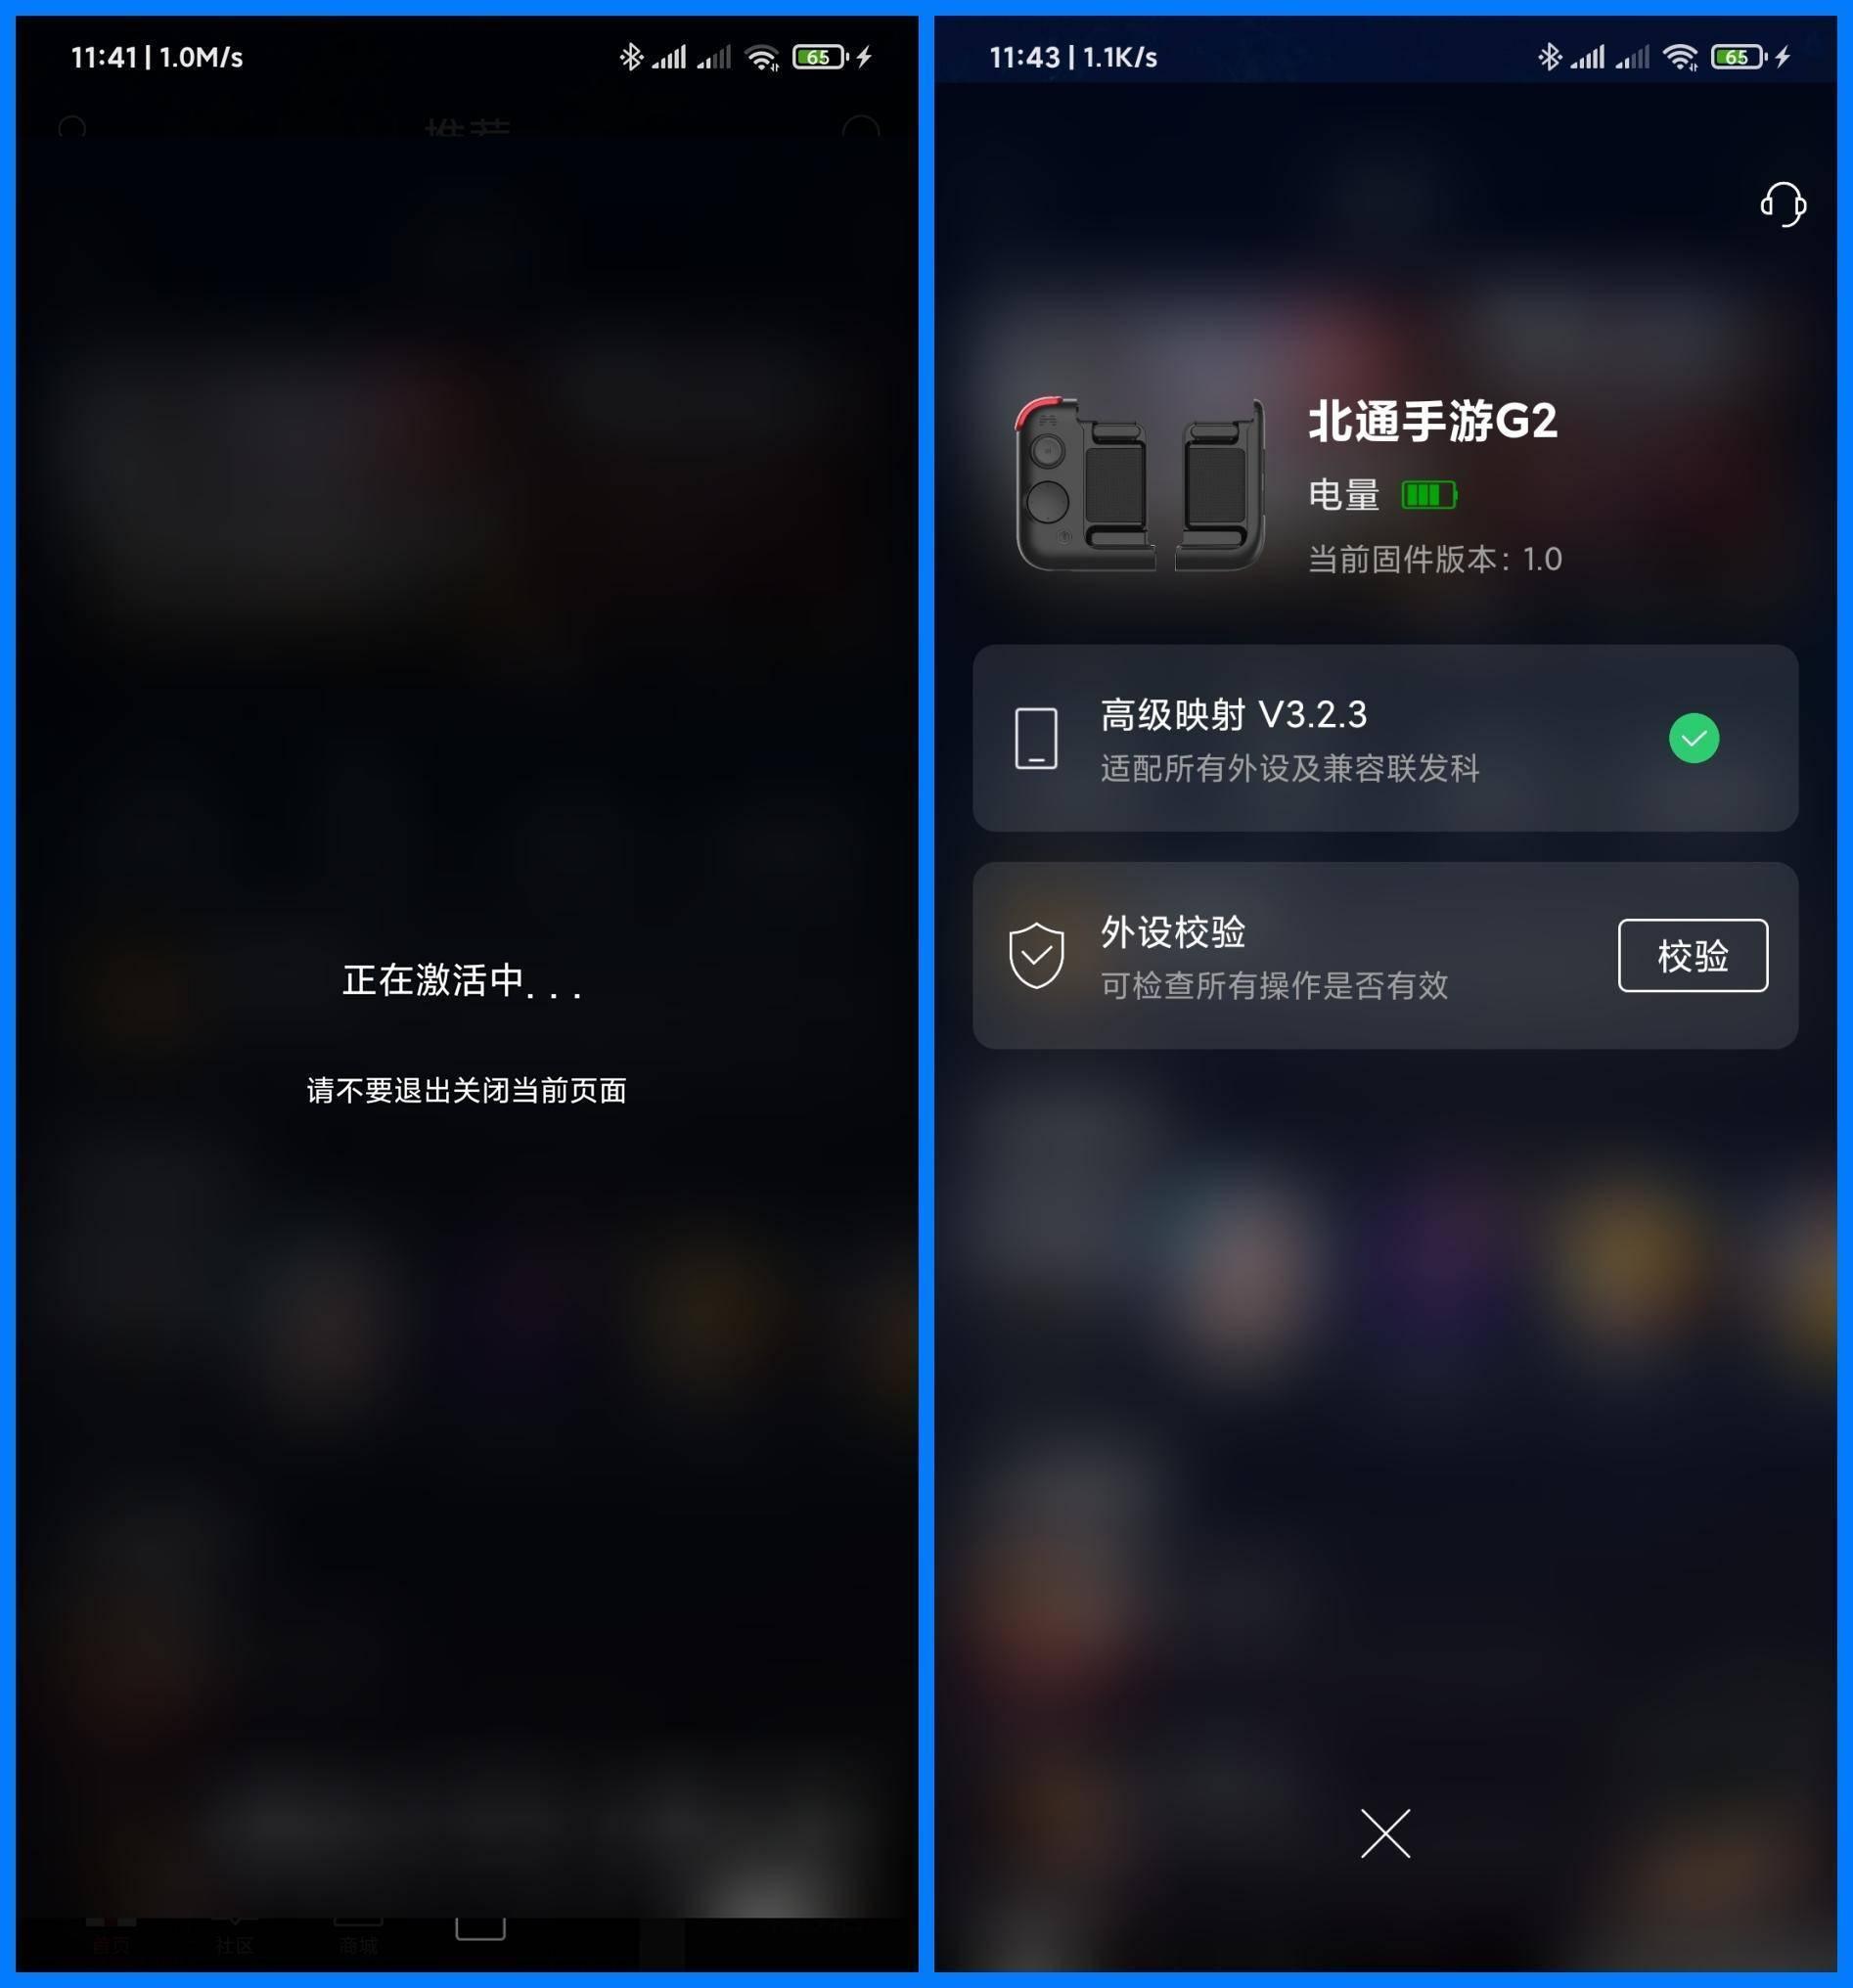 北通G2手机游戏手柄开箱评测 吃鸡自动压枪 王者一键连招插图17